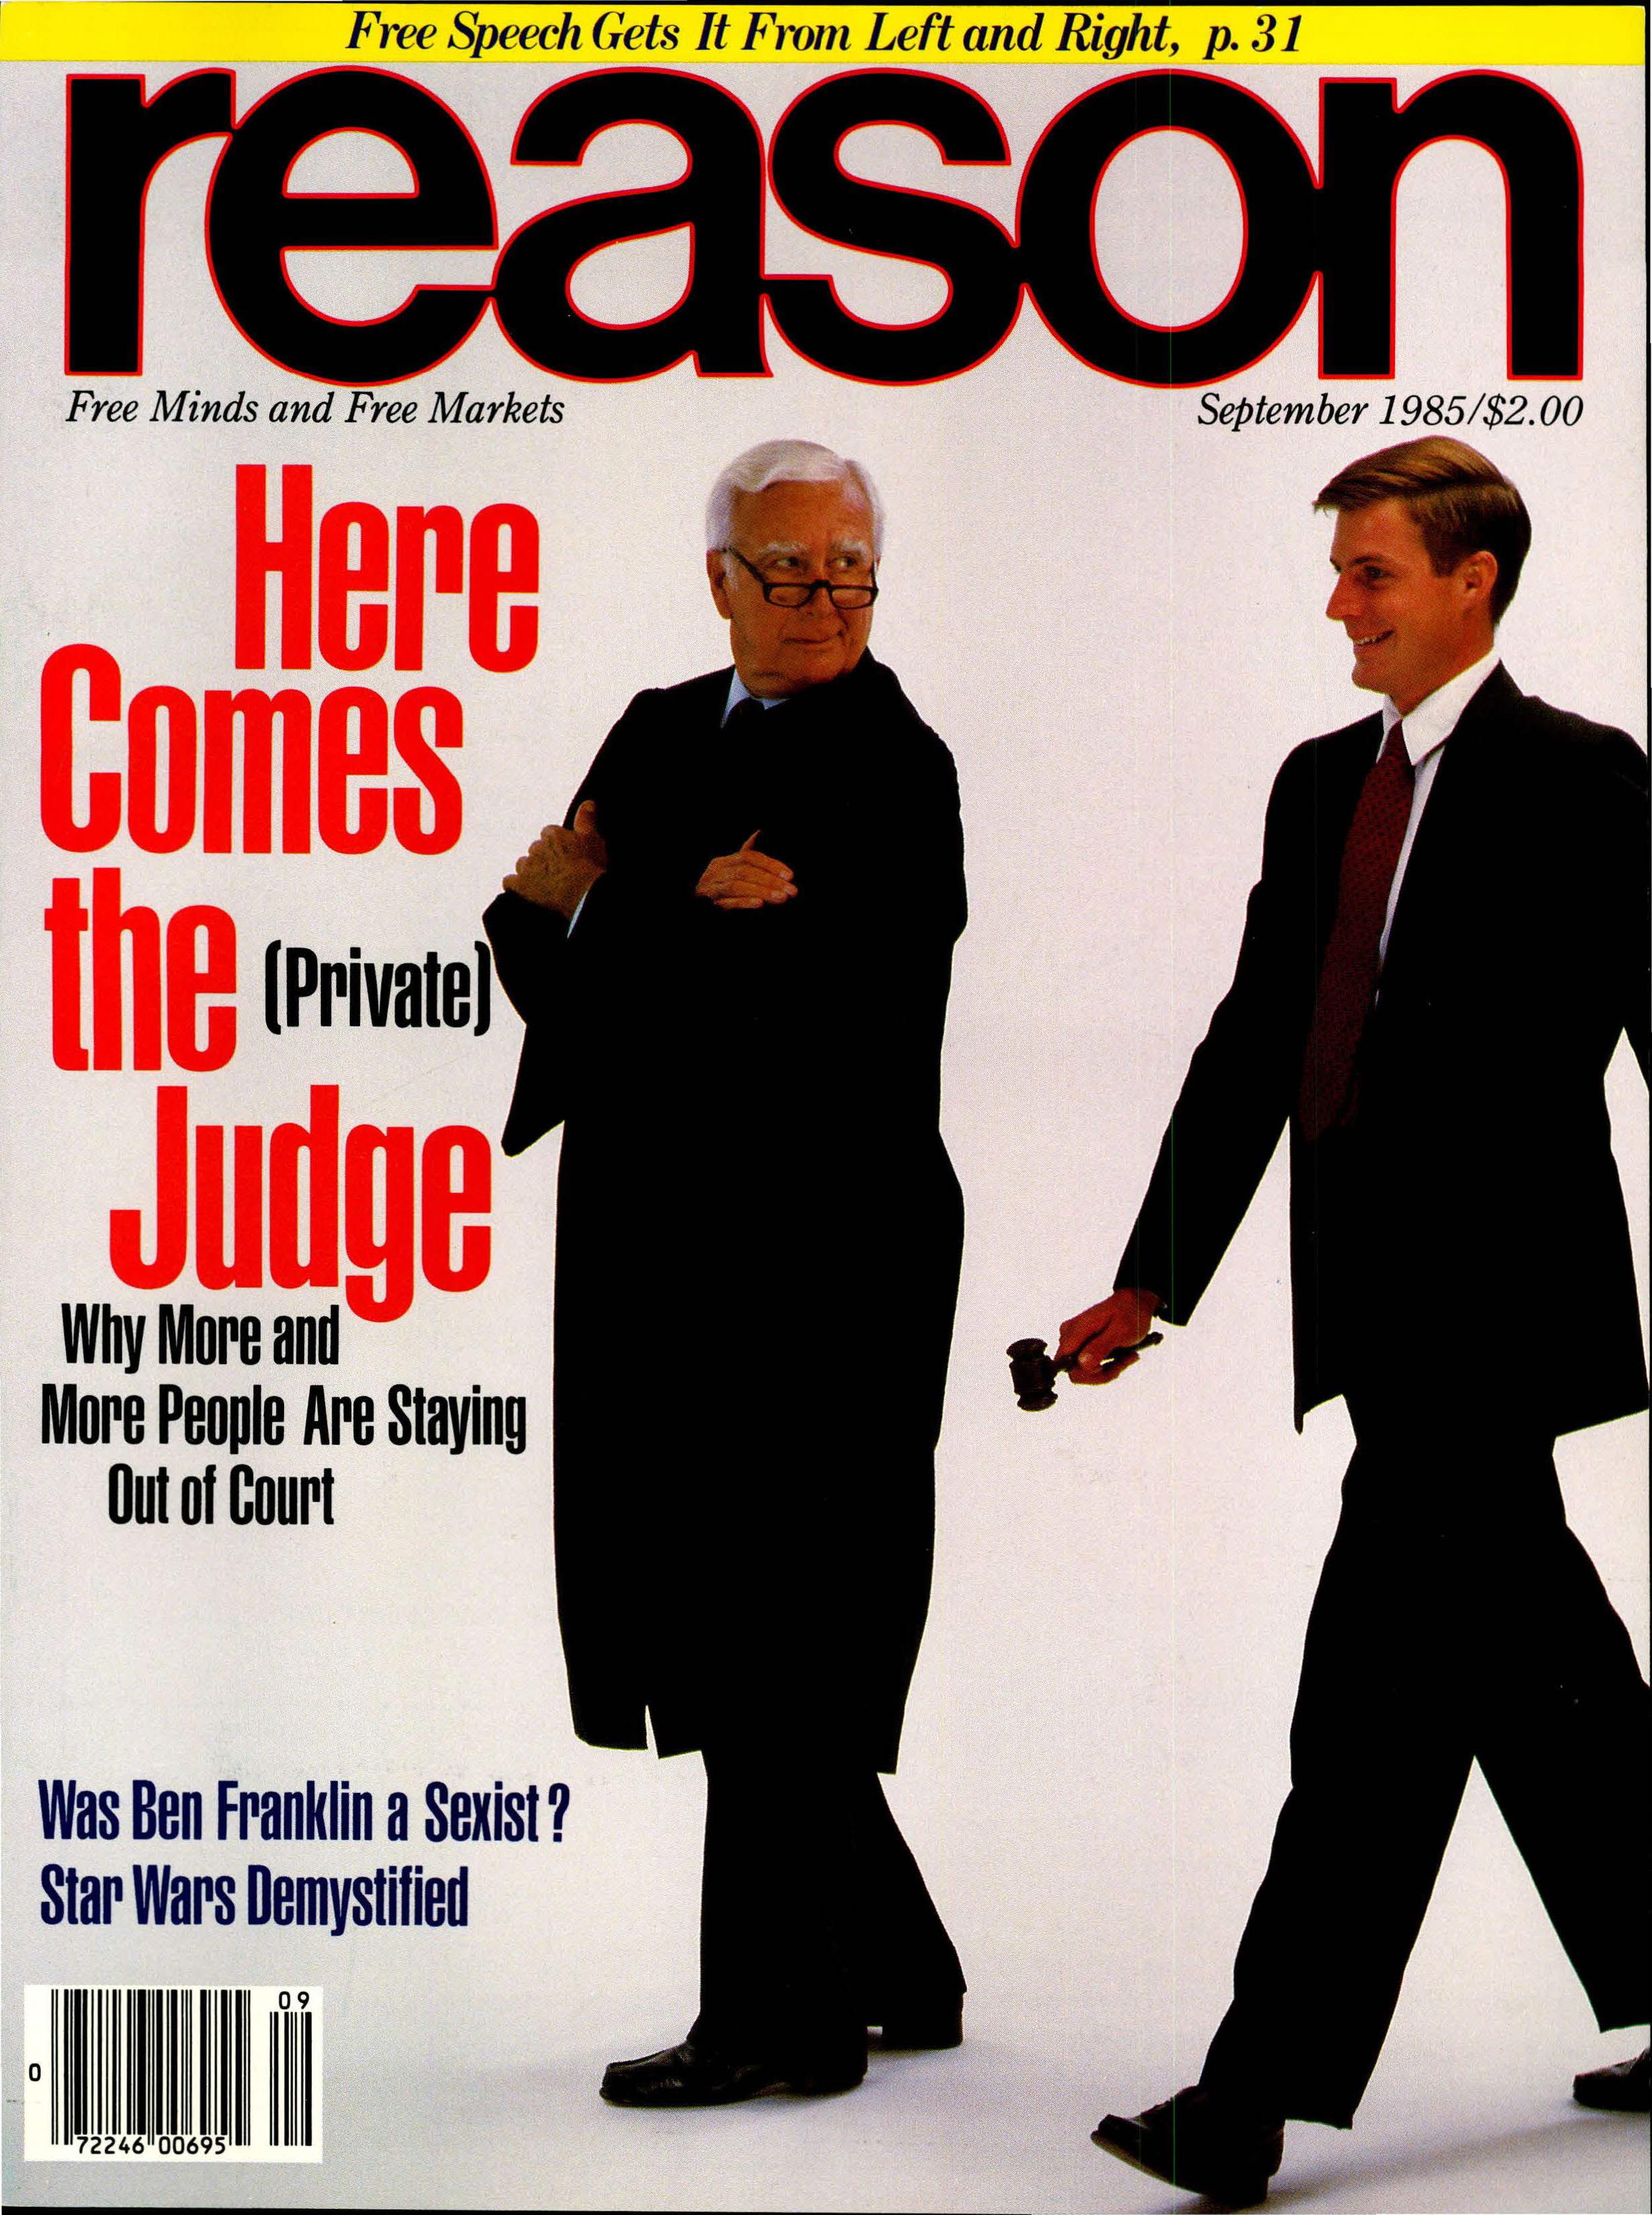 Reason Magazine, September 1985 cover image